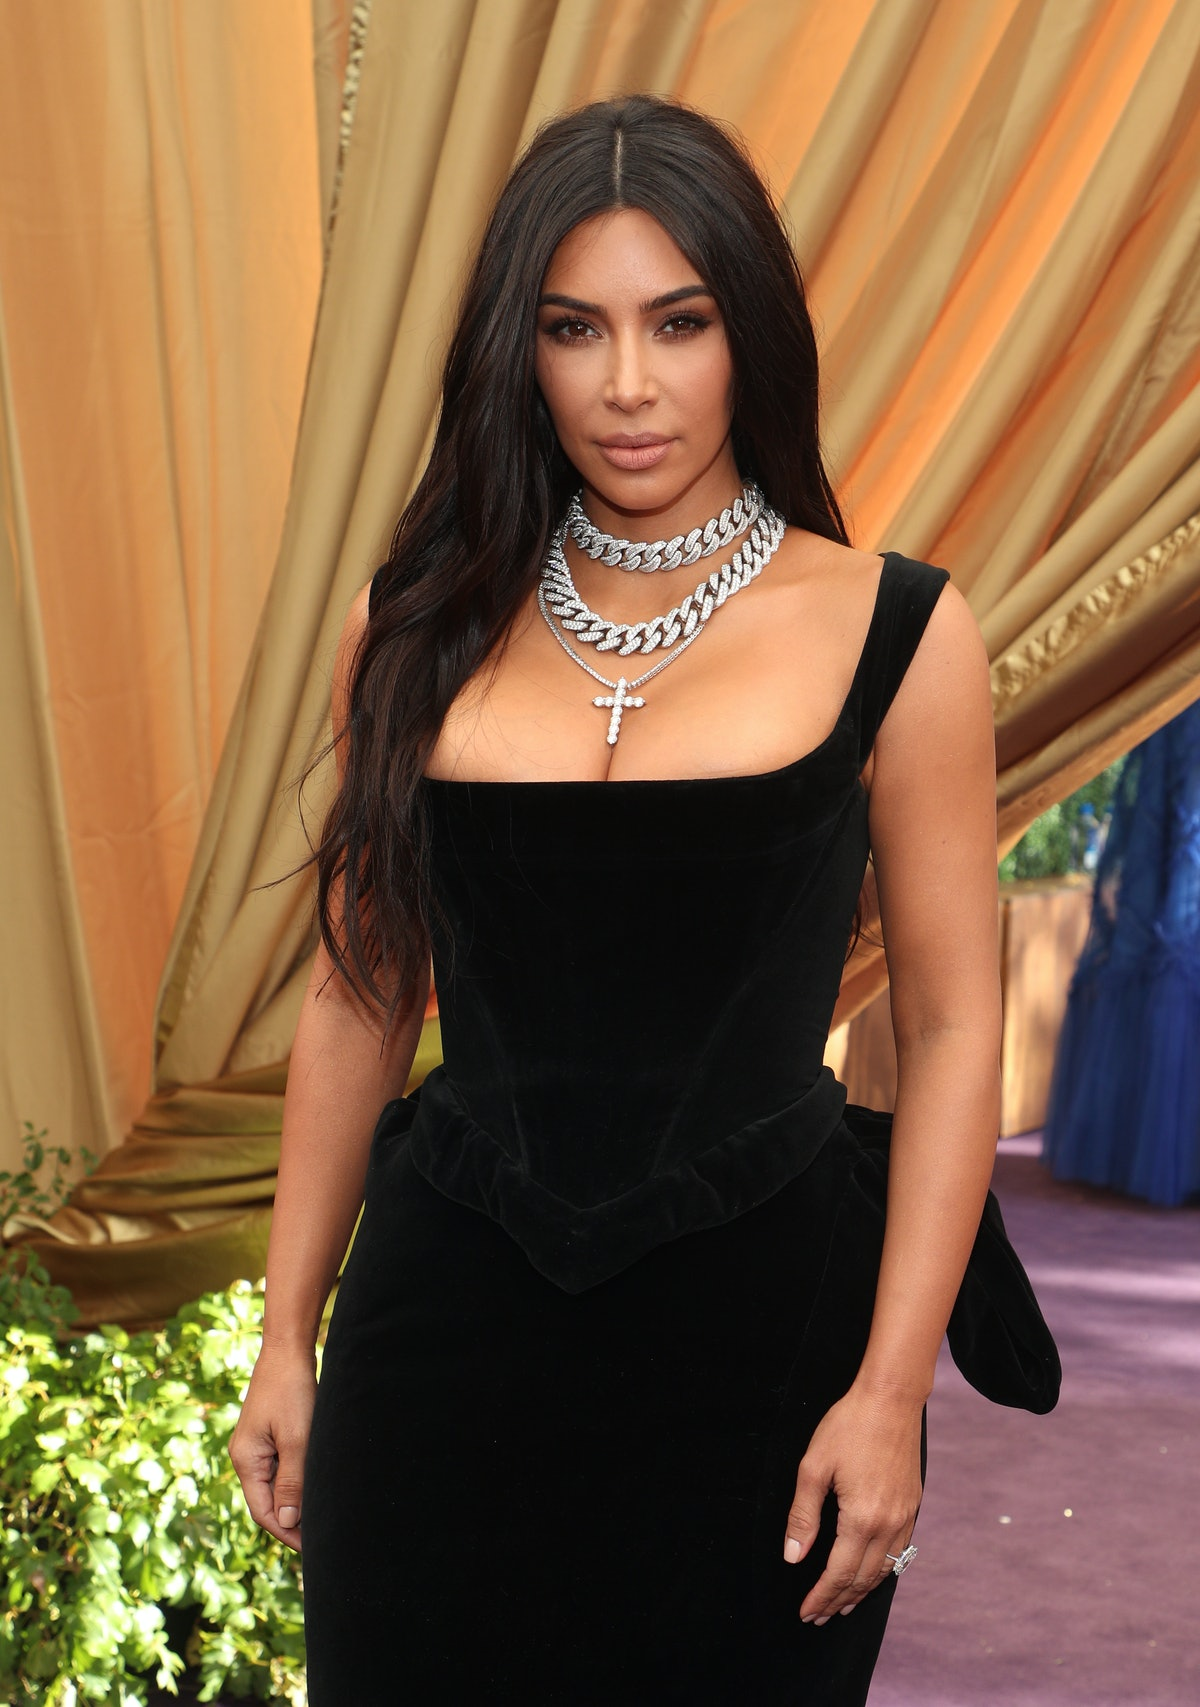 Kim Kardashian dyed her hair red in 2020.